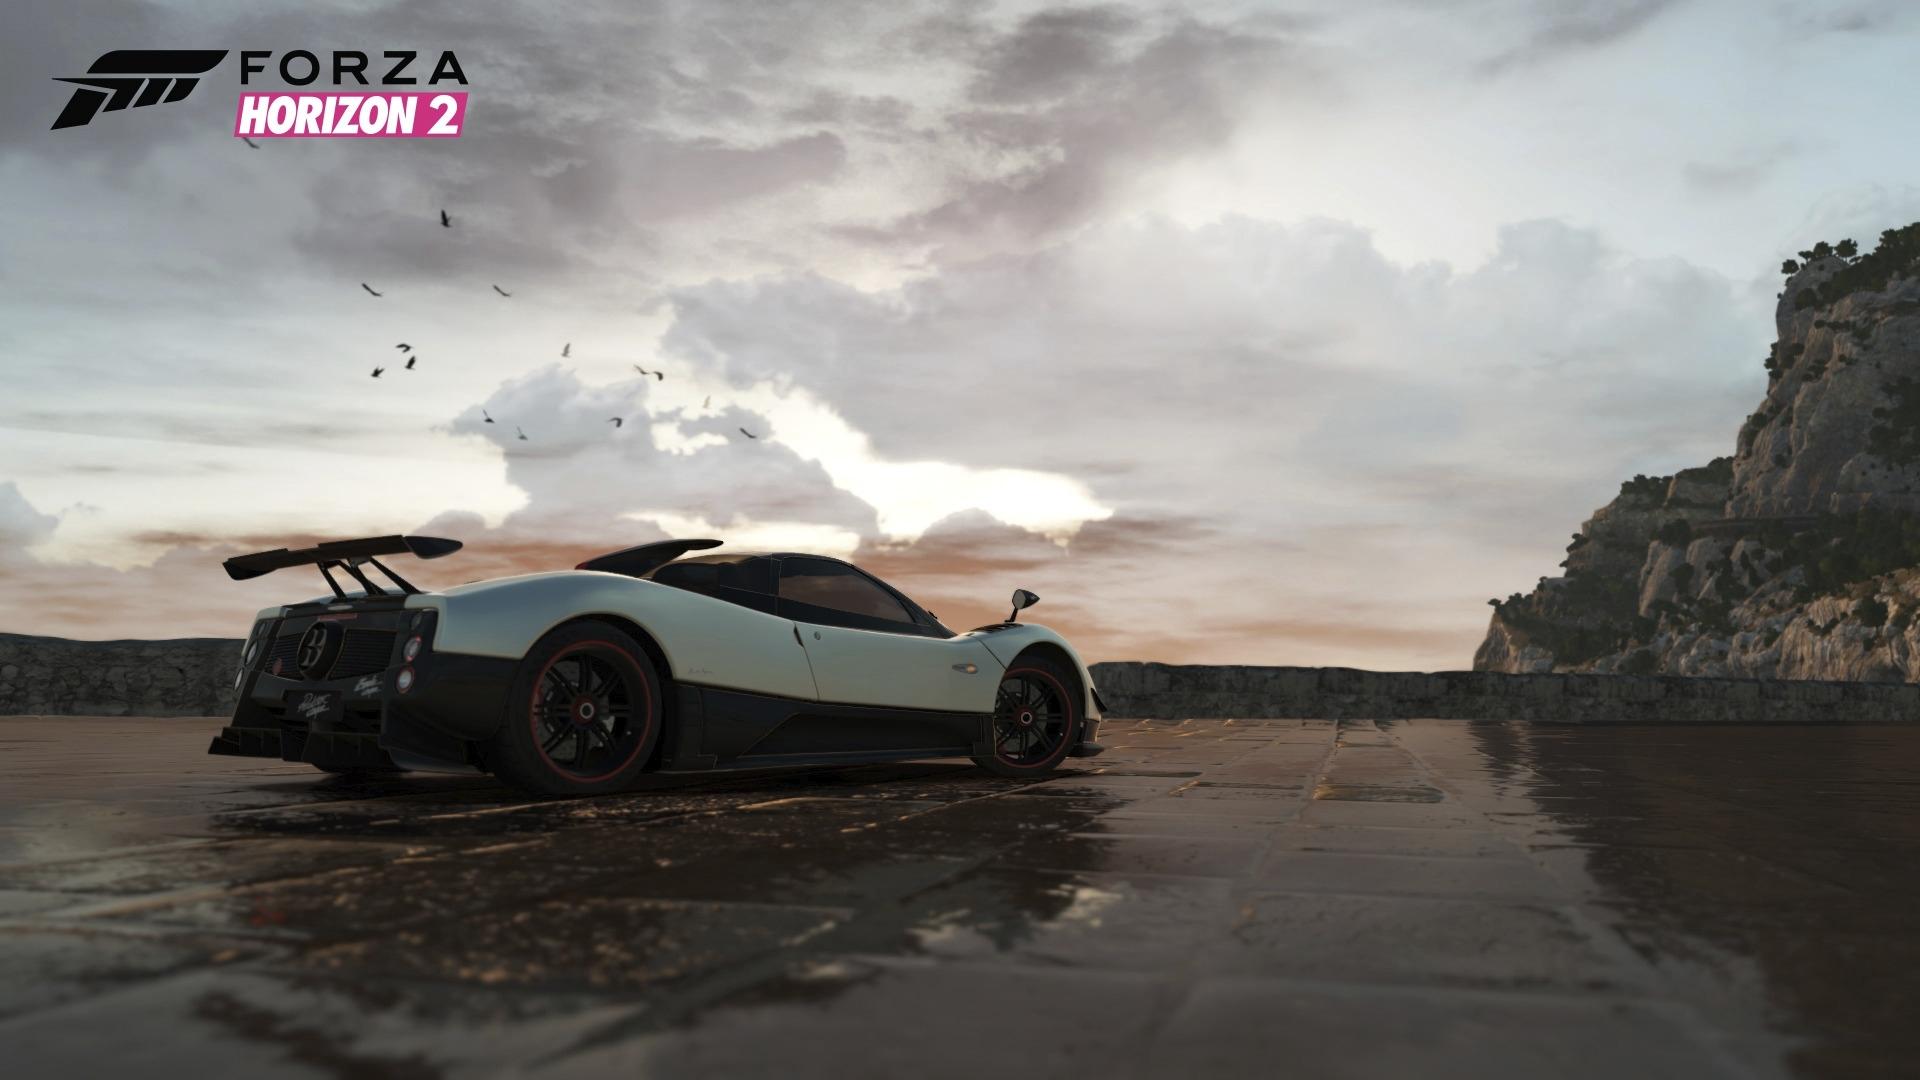 S0-Forza-Horizon-2-annonce-pour-cet-automne-323284